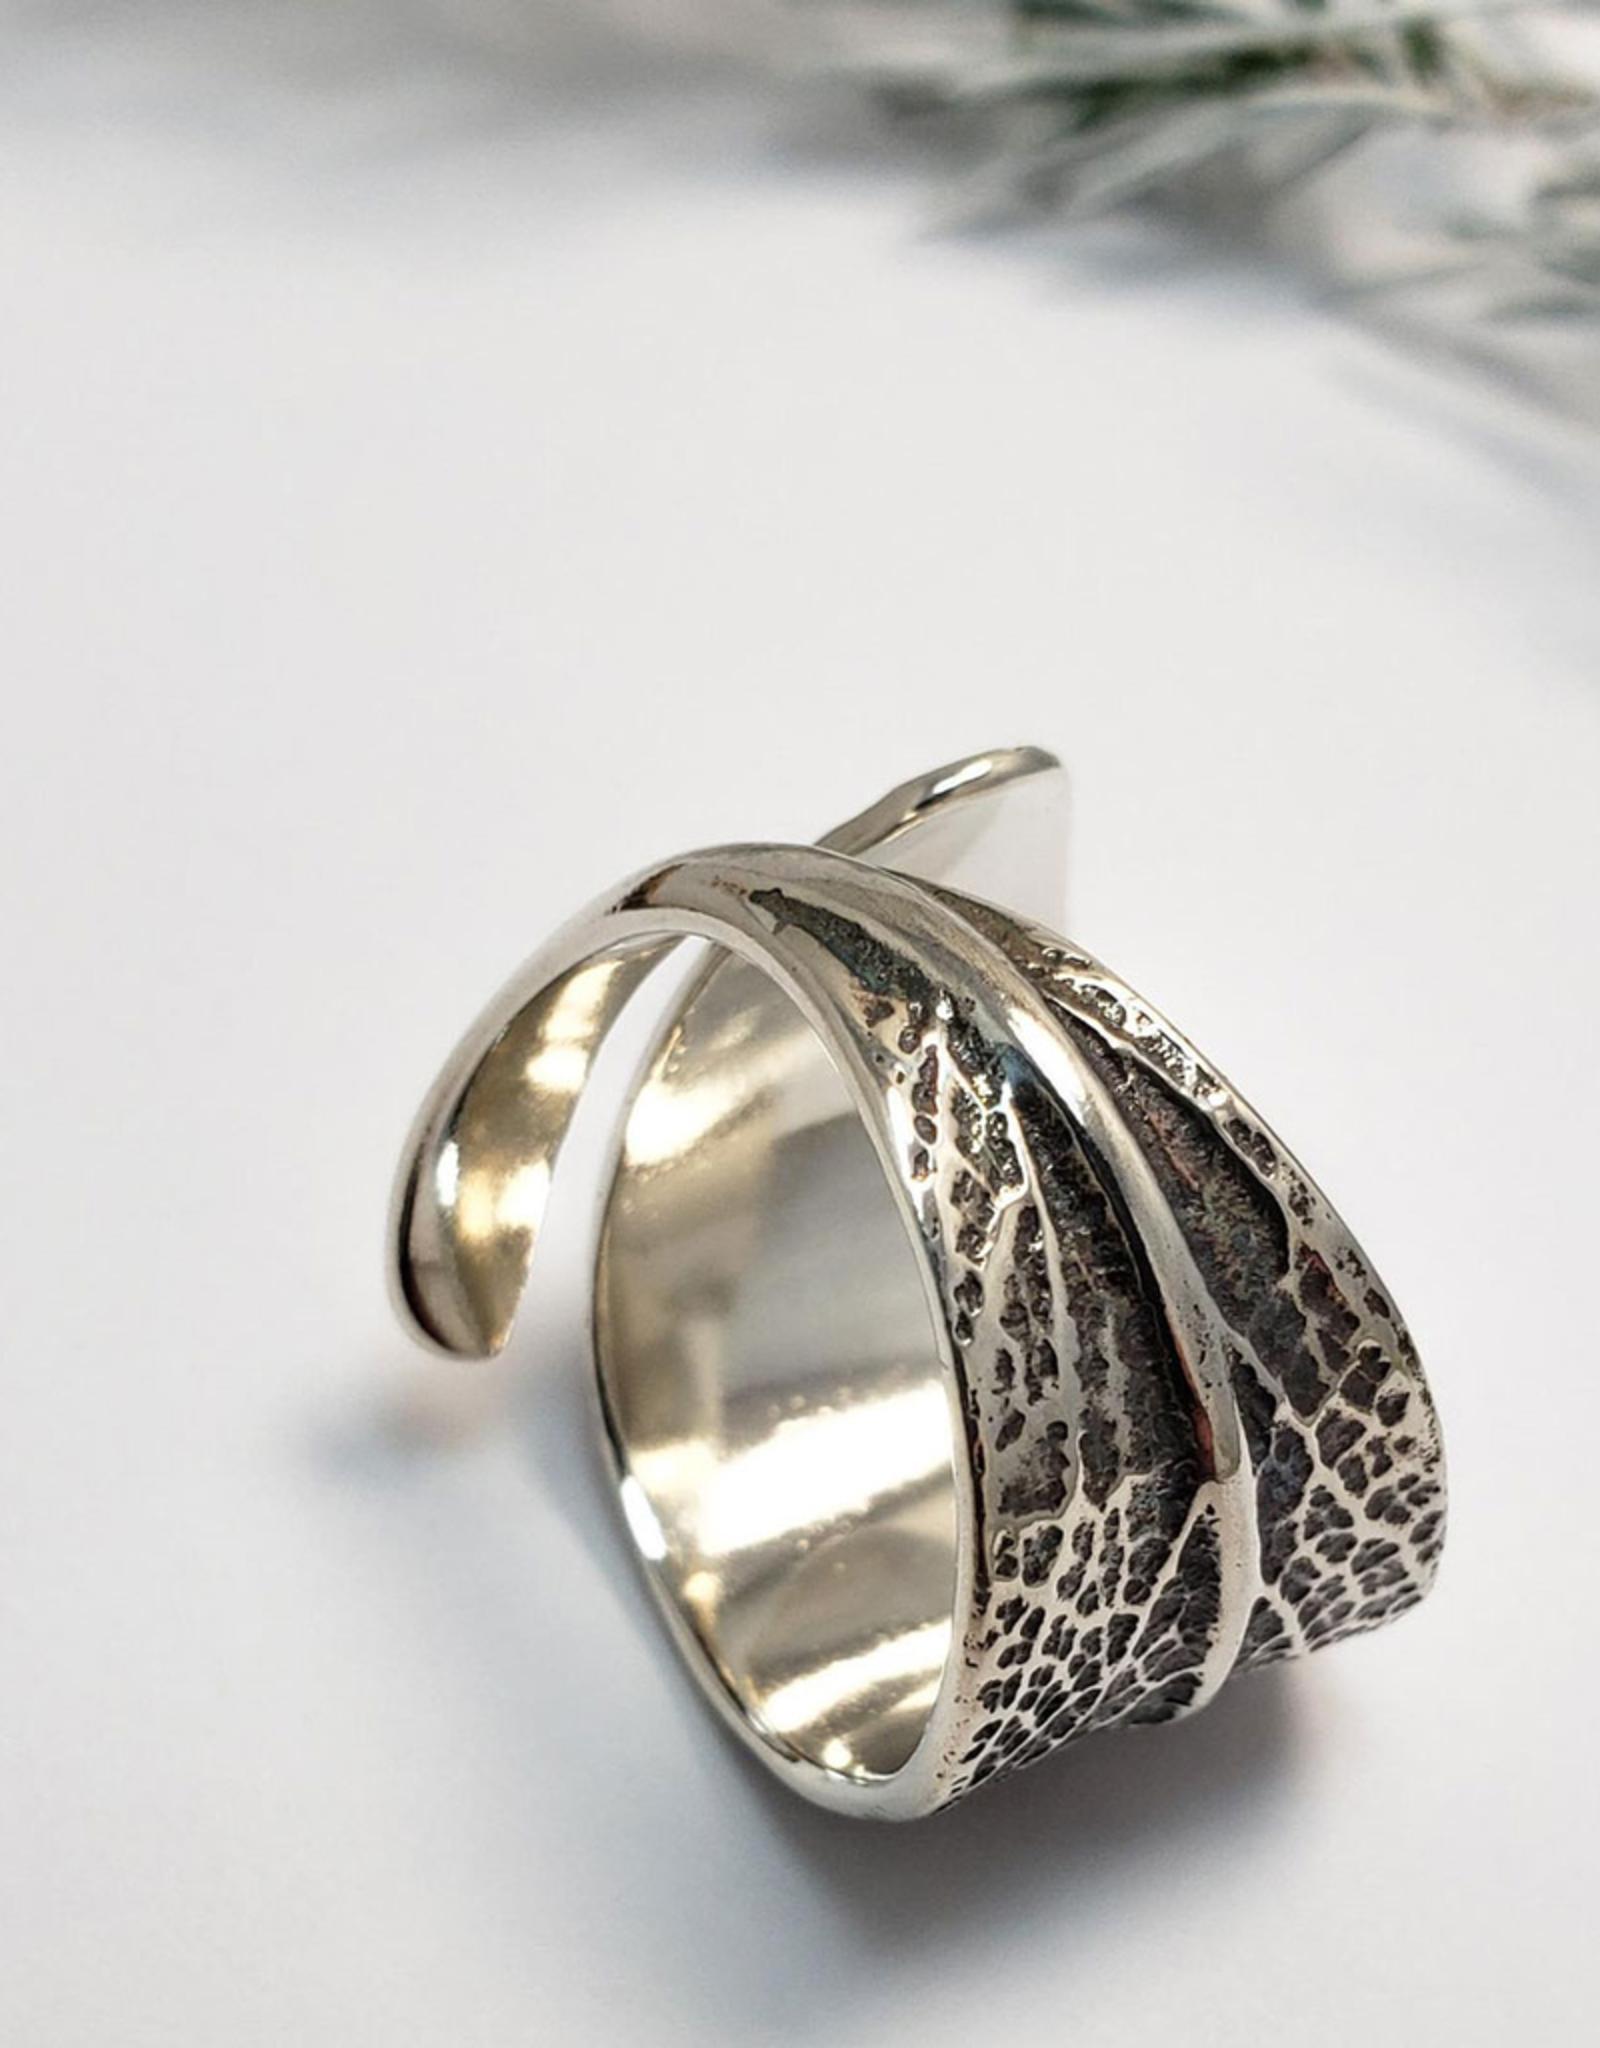 Handmade Cast Sage Leaf Ring - Oxidized Sterling